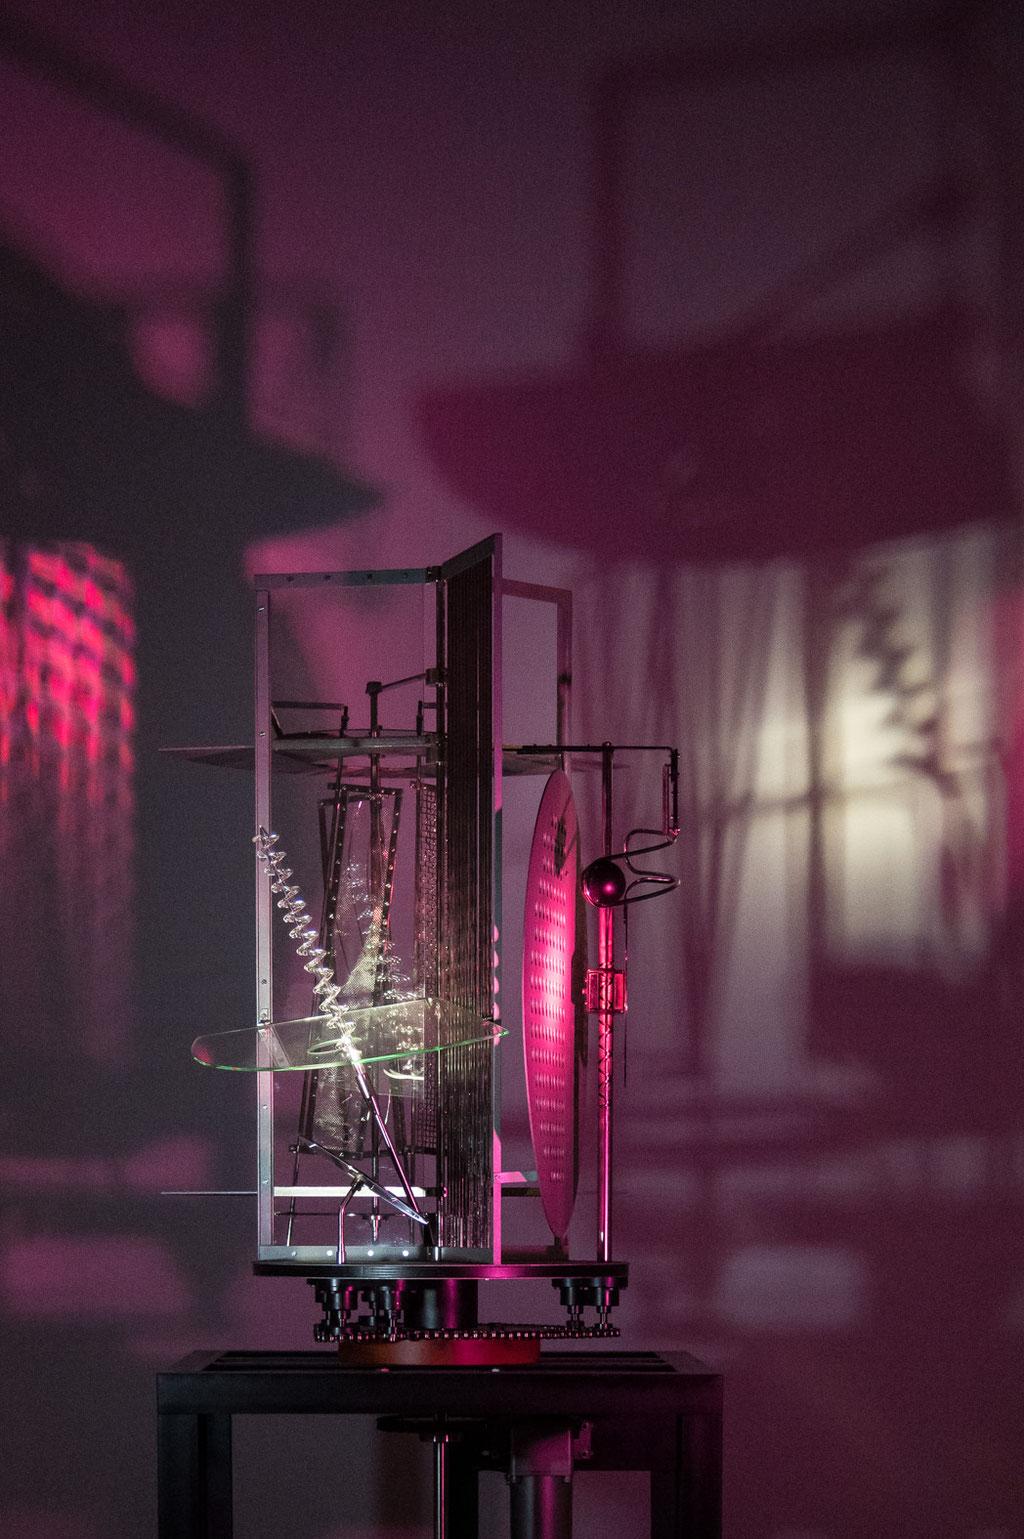 Bauhaus Museum, Licht-Raum-Modulator / Light room modulator (László Moholy-Nagy), Dessau (D)